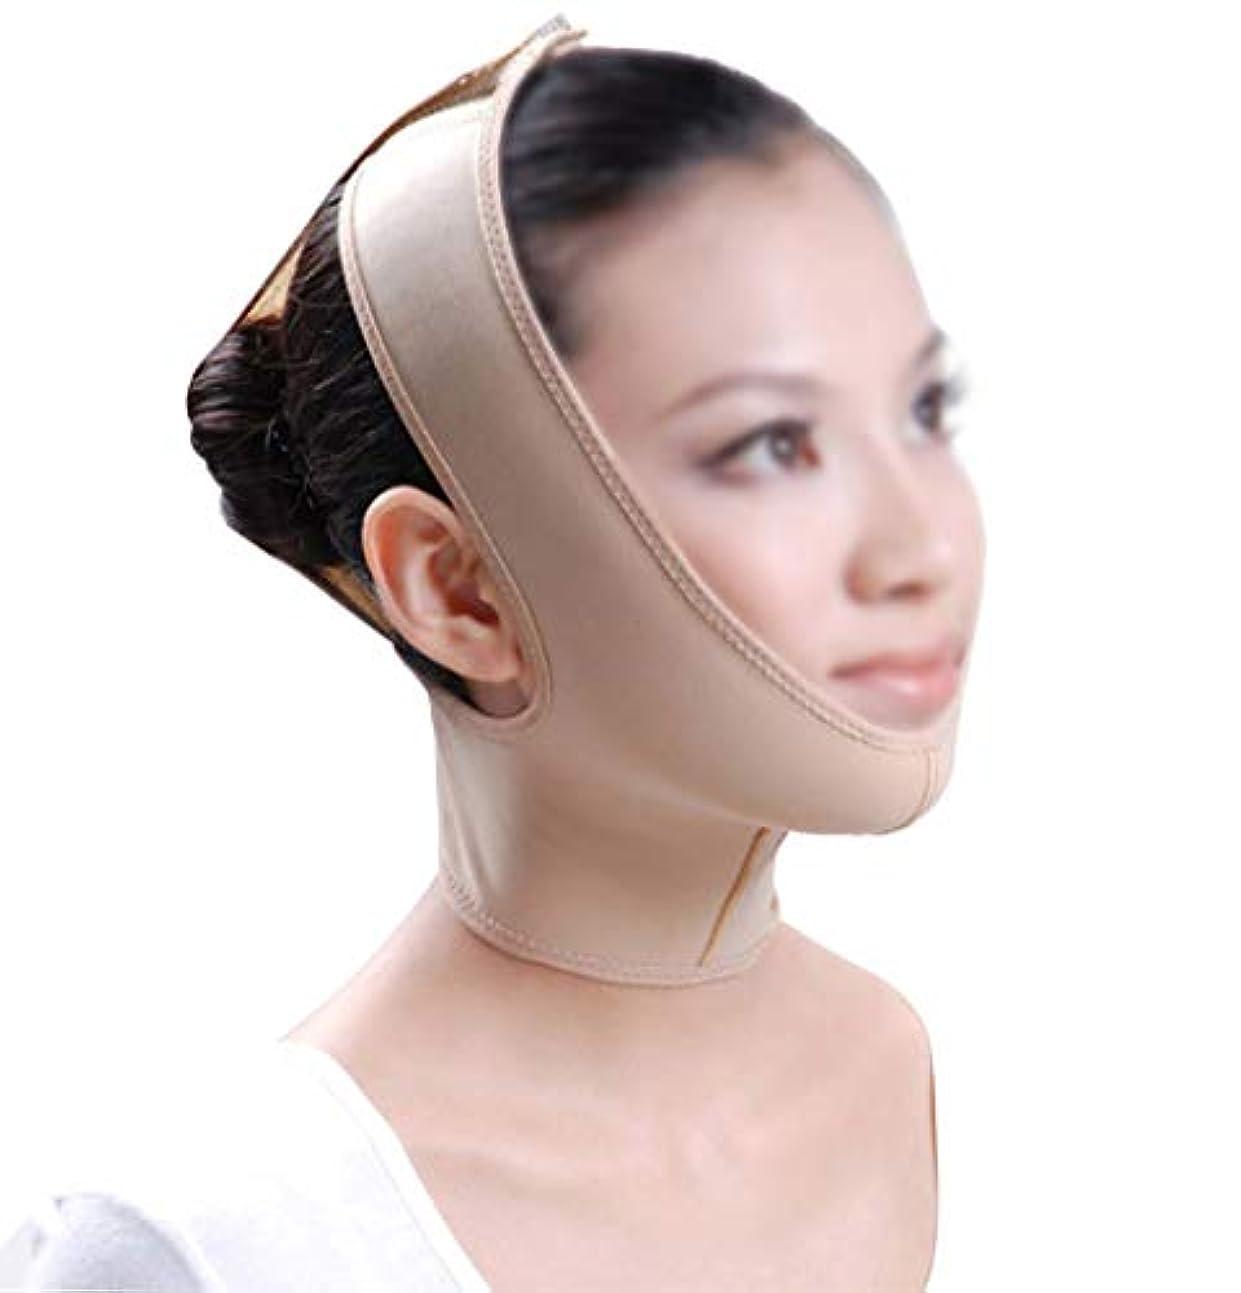 カウンタシットコム自己GLJJQMY 引き締めマスクマスク強力なフェイスリフティングリハビリ弾性フェイスリフティング引き締め首あご整形リハビリチンスリーブ 顔用整形マスク (Size : XL)